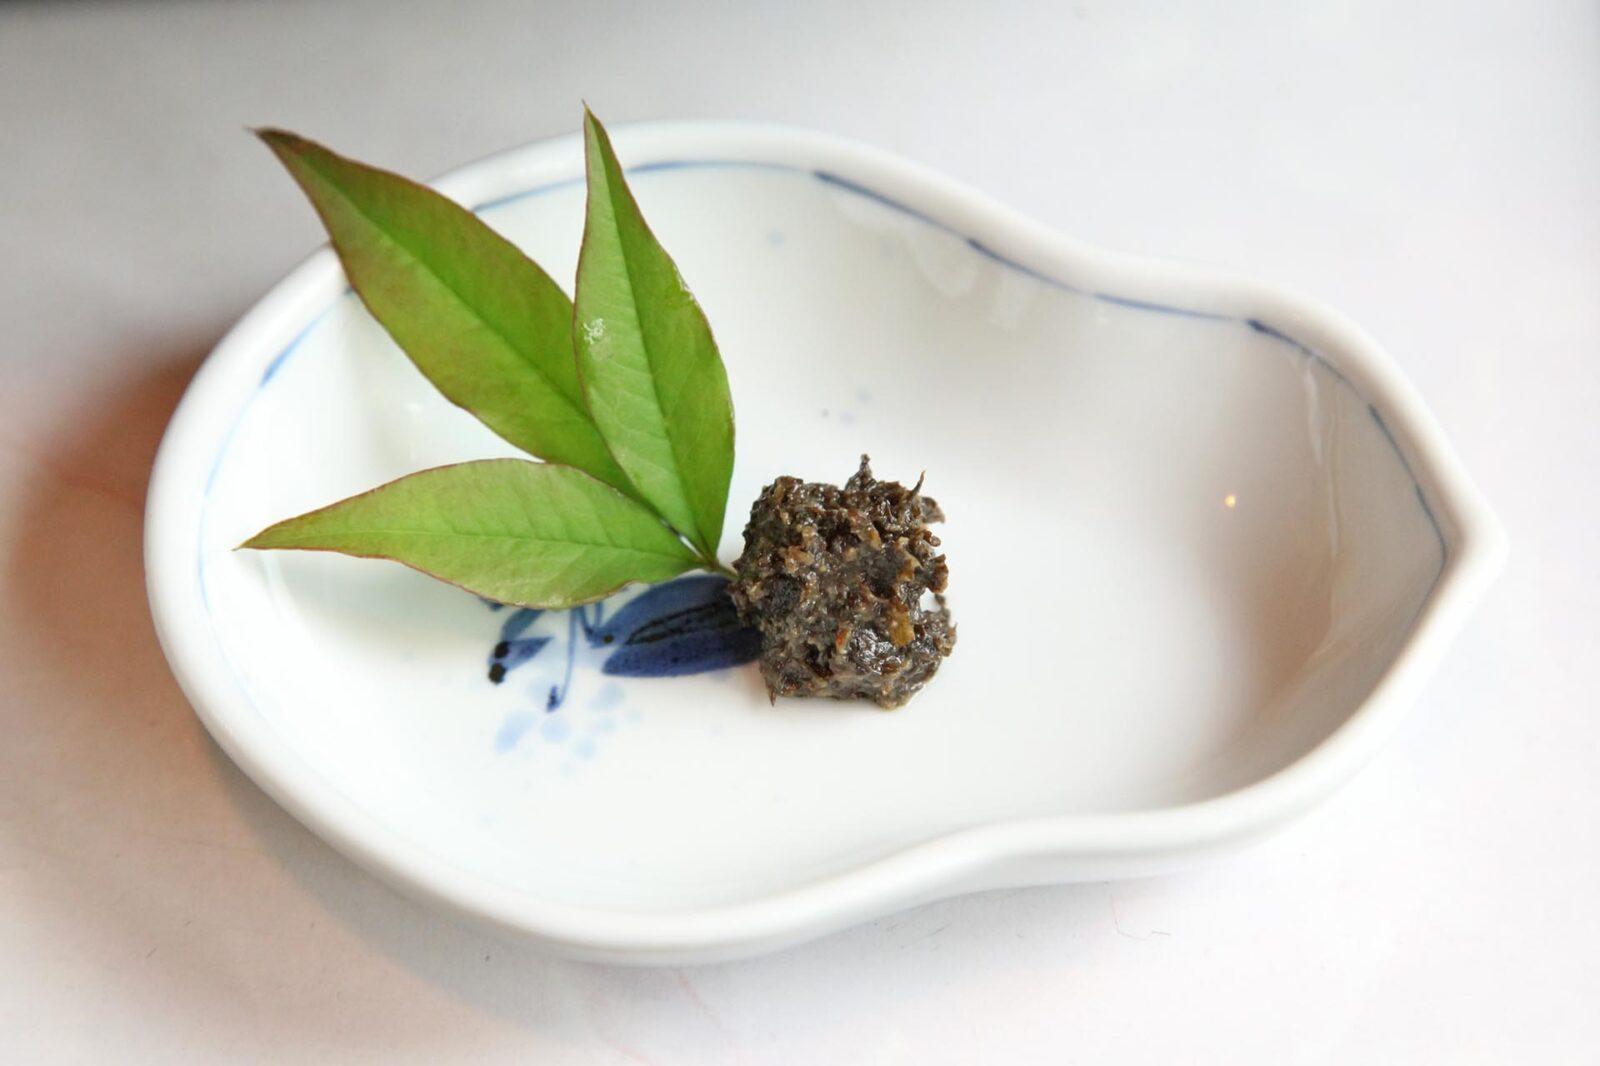 フキ味噌(フキノトウ味噌)